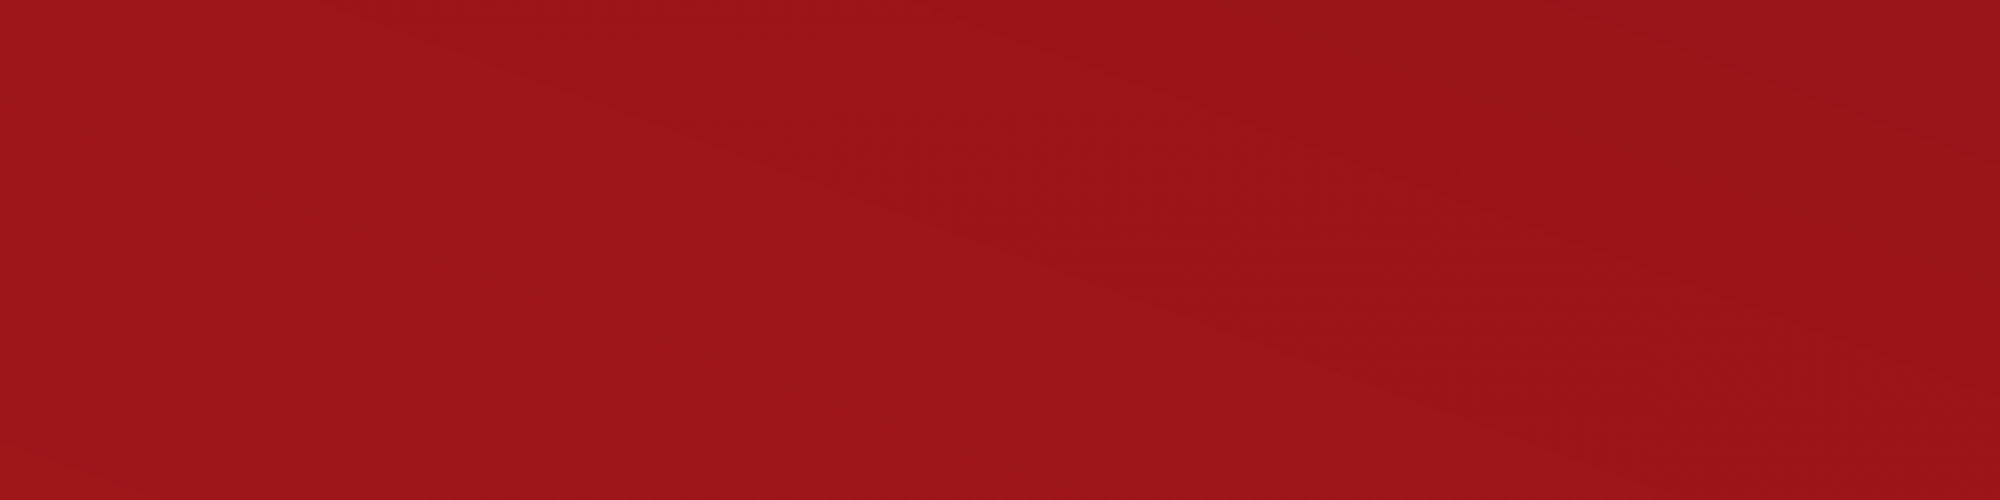 fondo_rosso